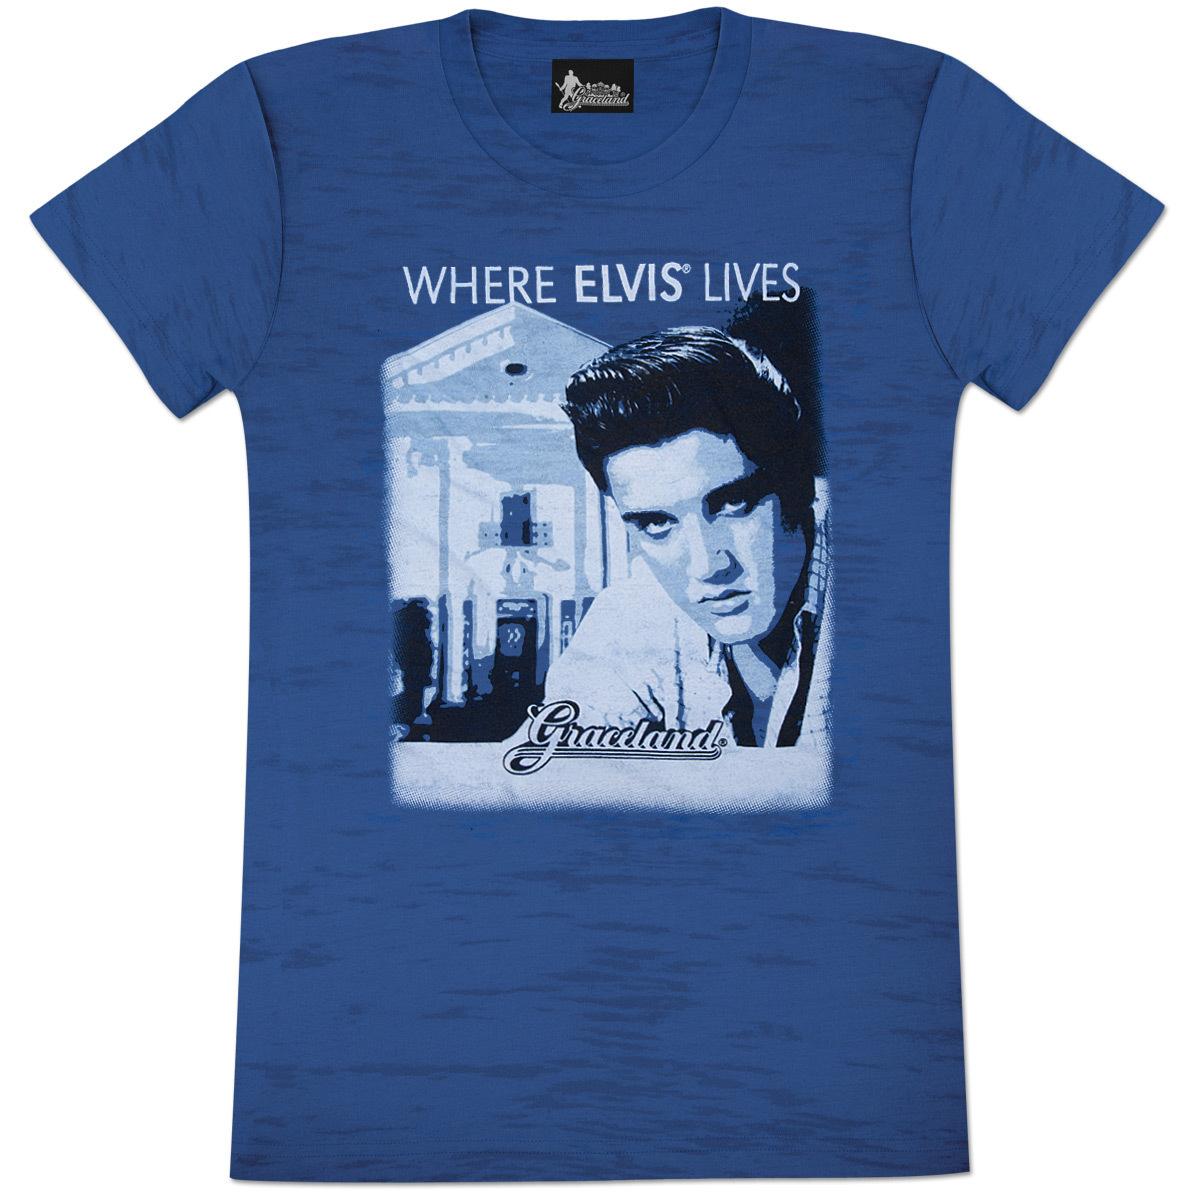 Elvis Graceland Burnout Ladies T Shirt Musictoday Superstore